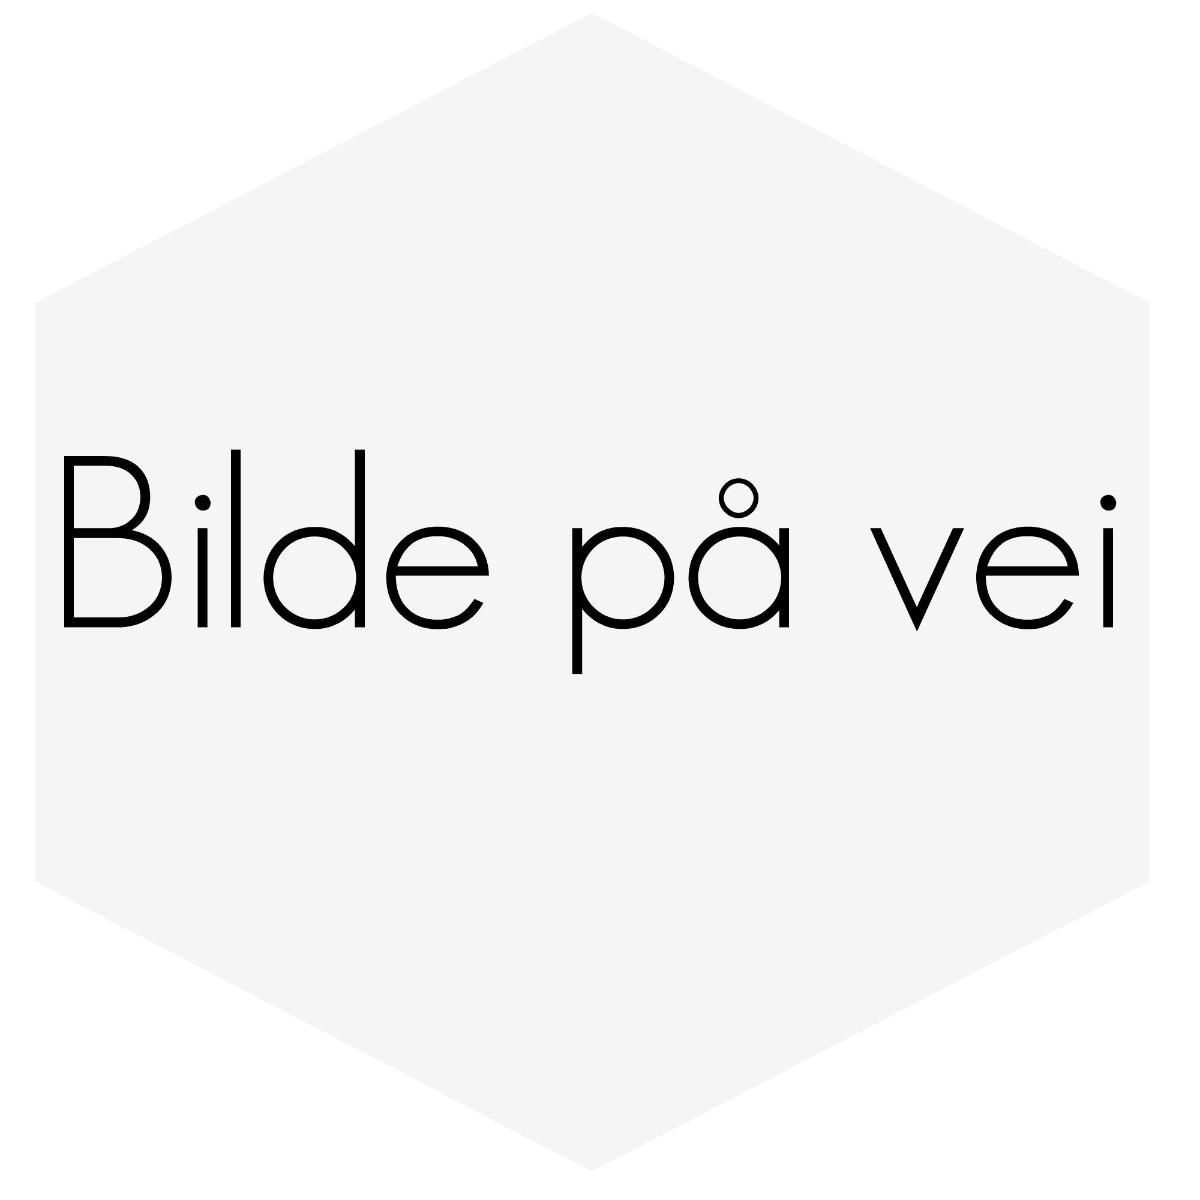 ENDELEDD /YTRE STYRELEDD XC70-01-07 V.S 274191 ,274576